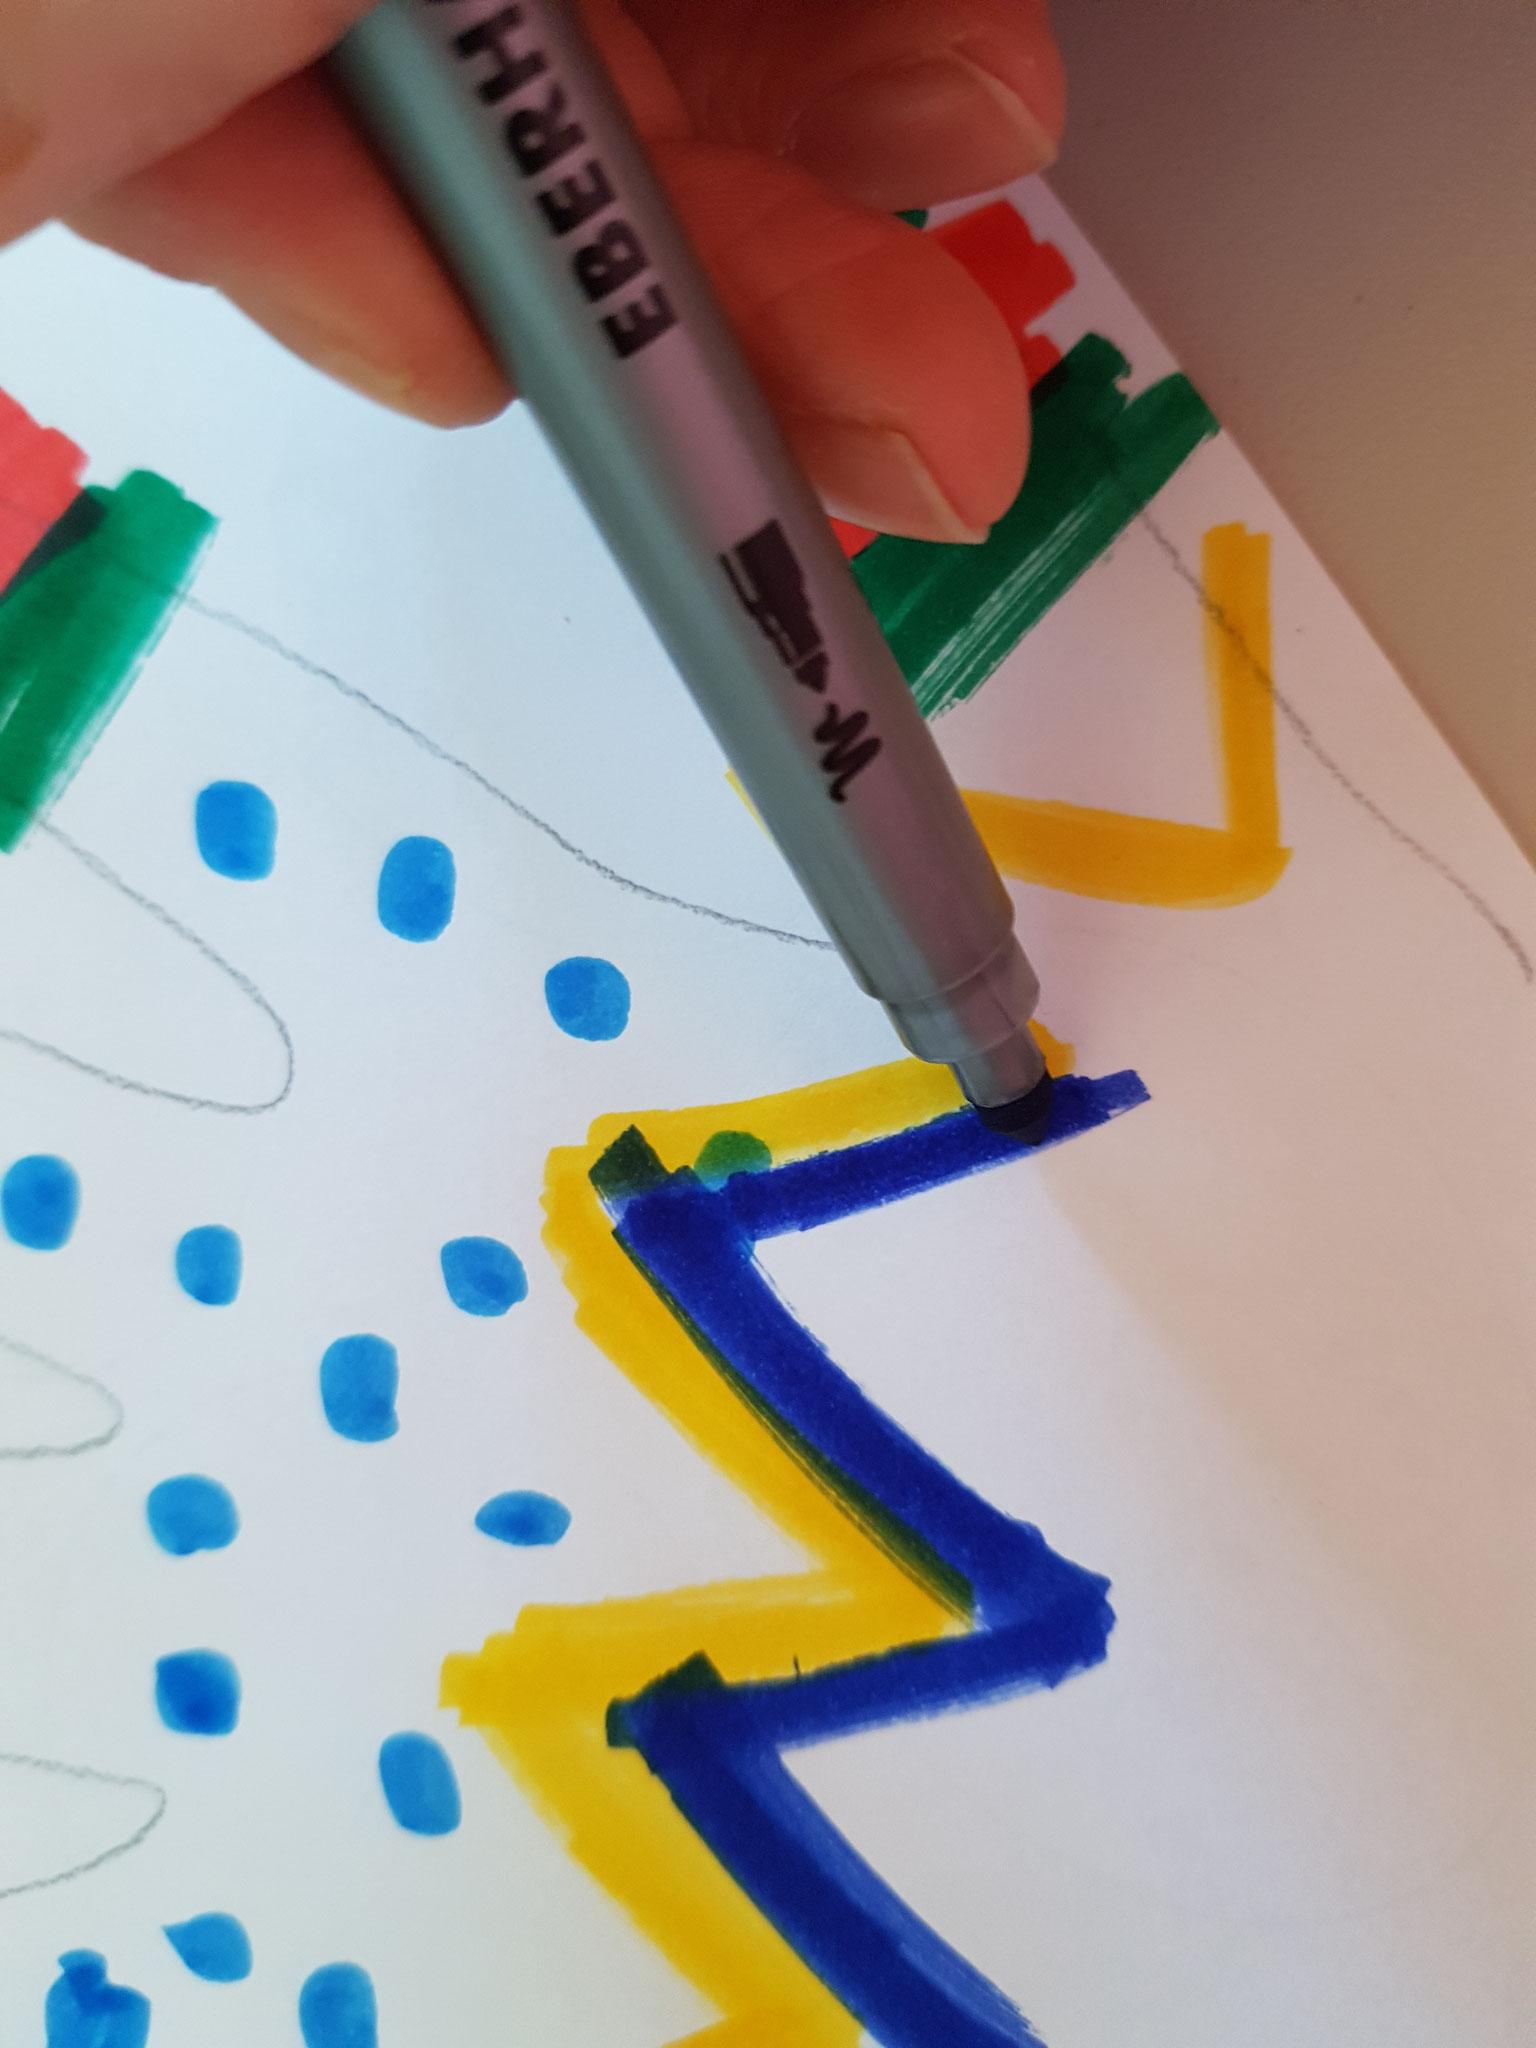 ...du kannst auch weißes Papier benutzen und die Hände dann anmalen...